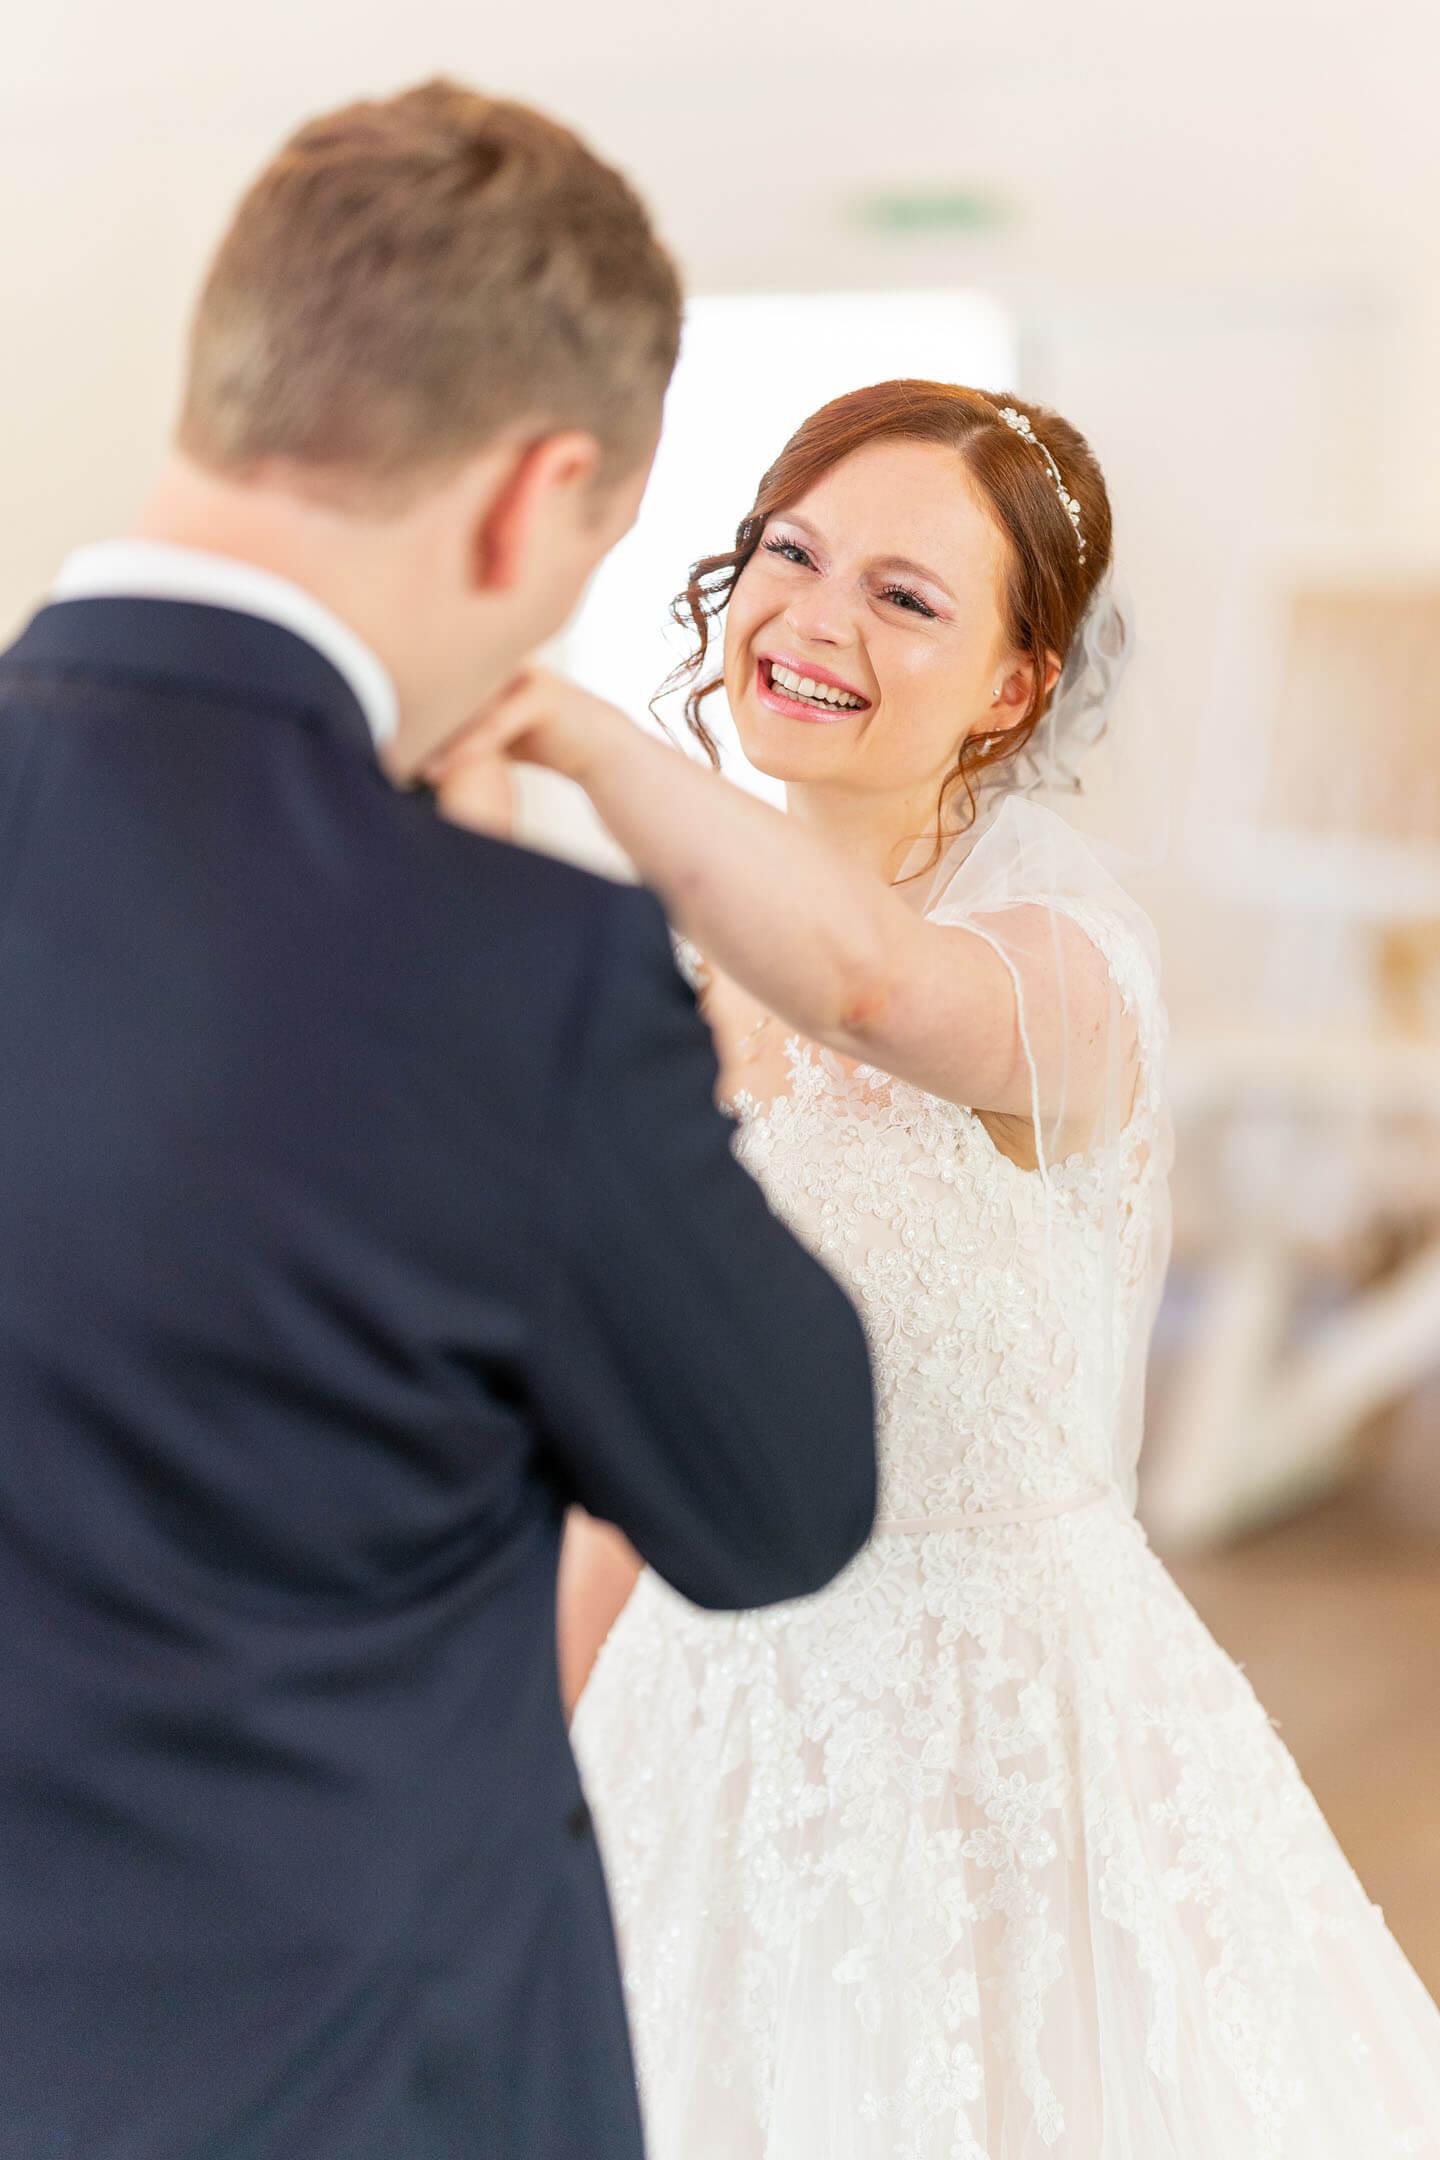 Handkuss für die Braut.